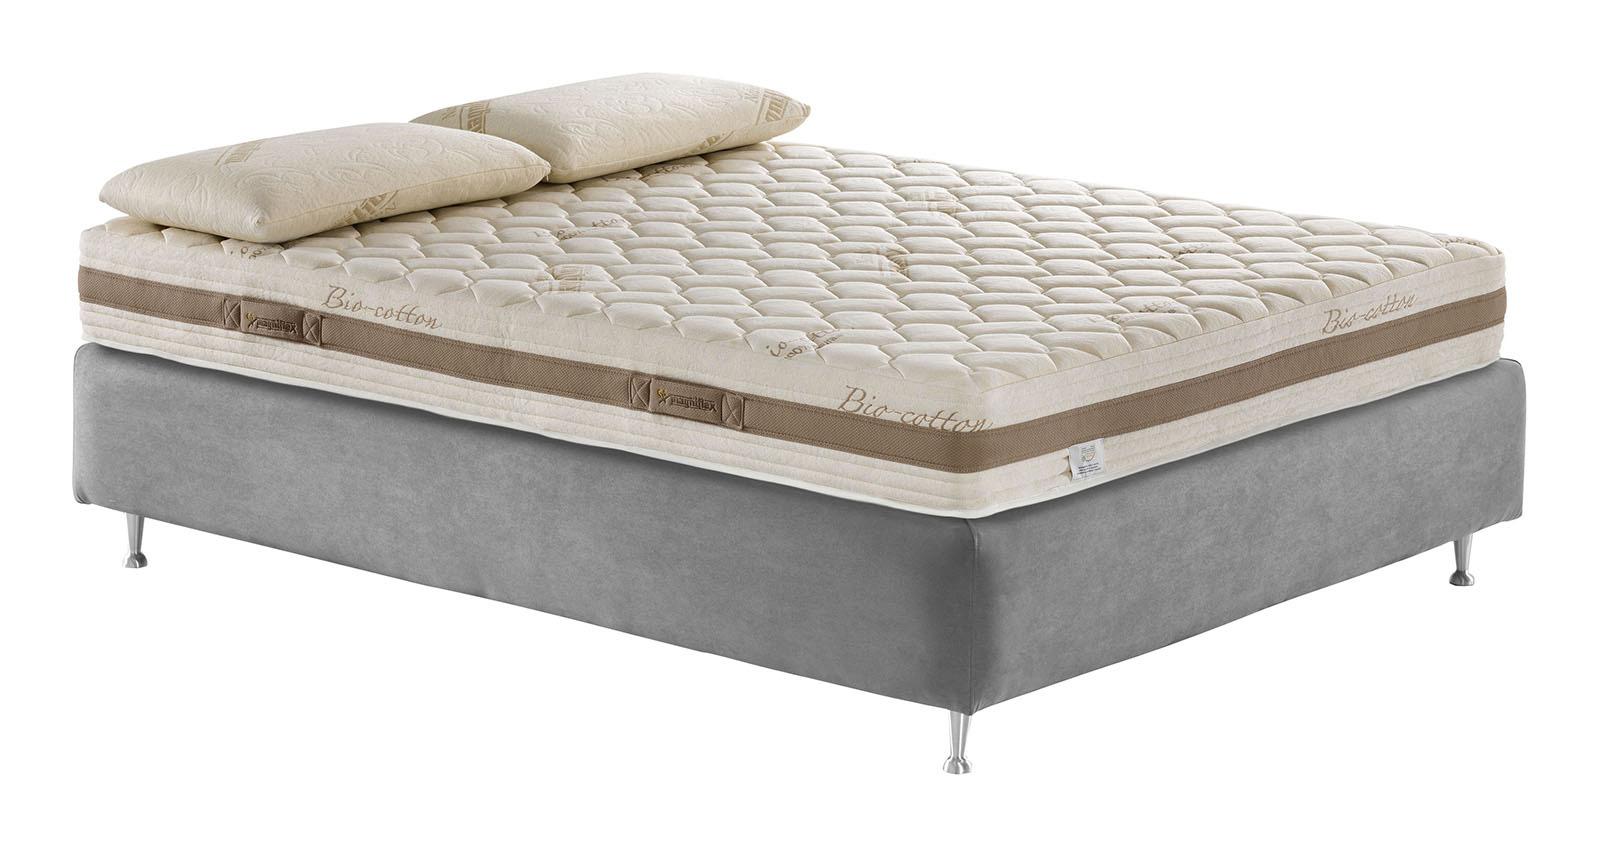 Misure materasso standard dimensioni standard materasso - Materassi per divano letto su misura ...